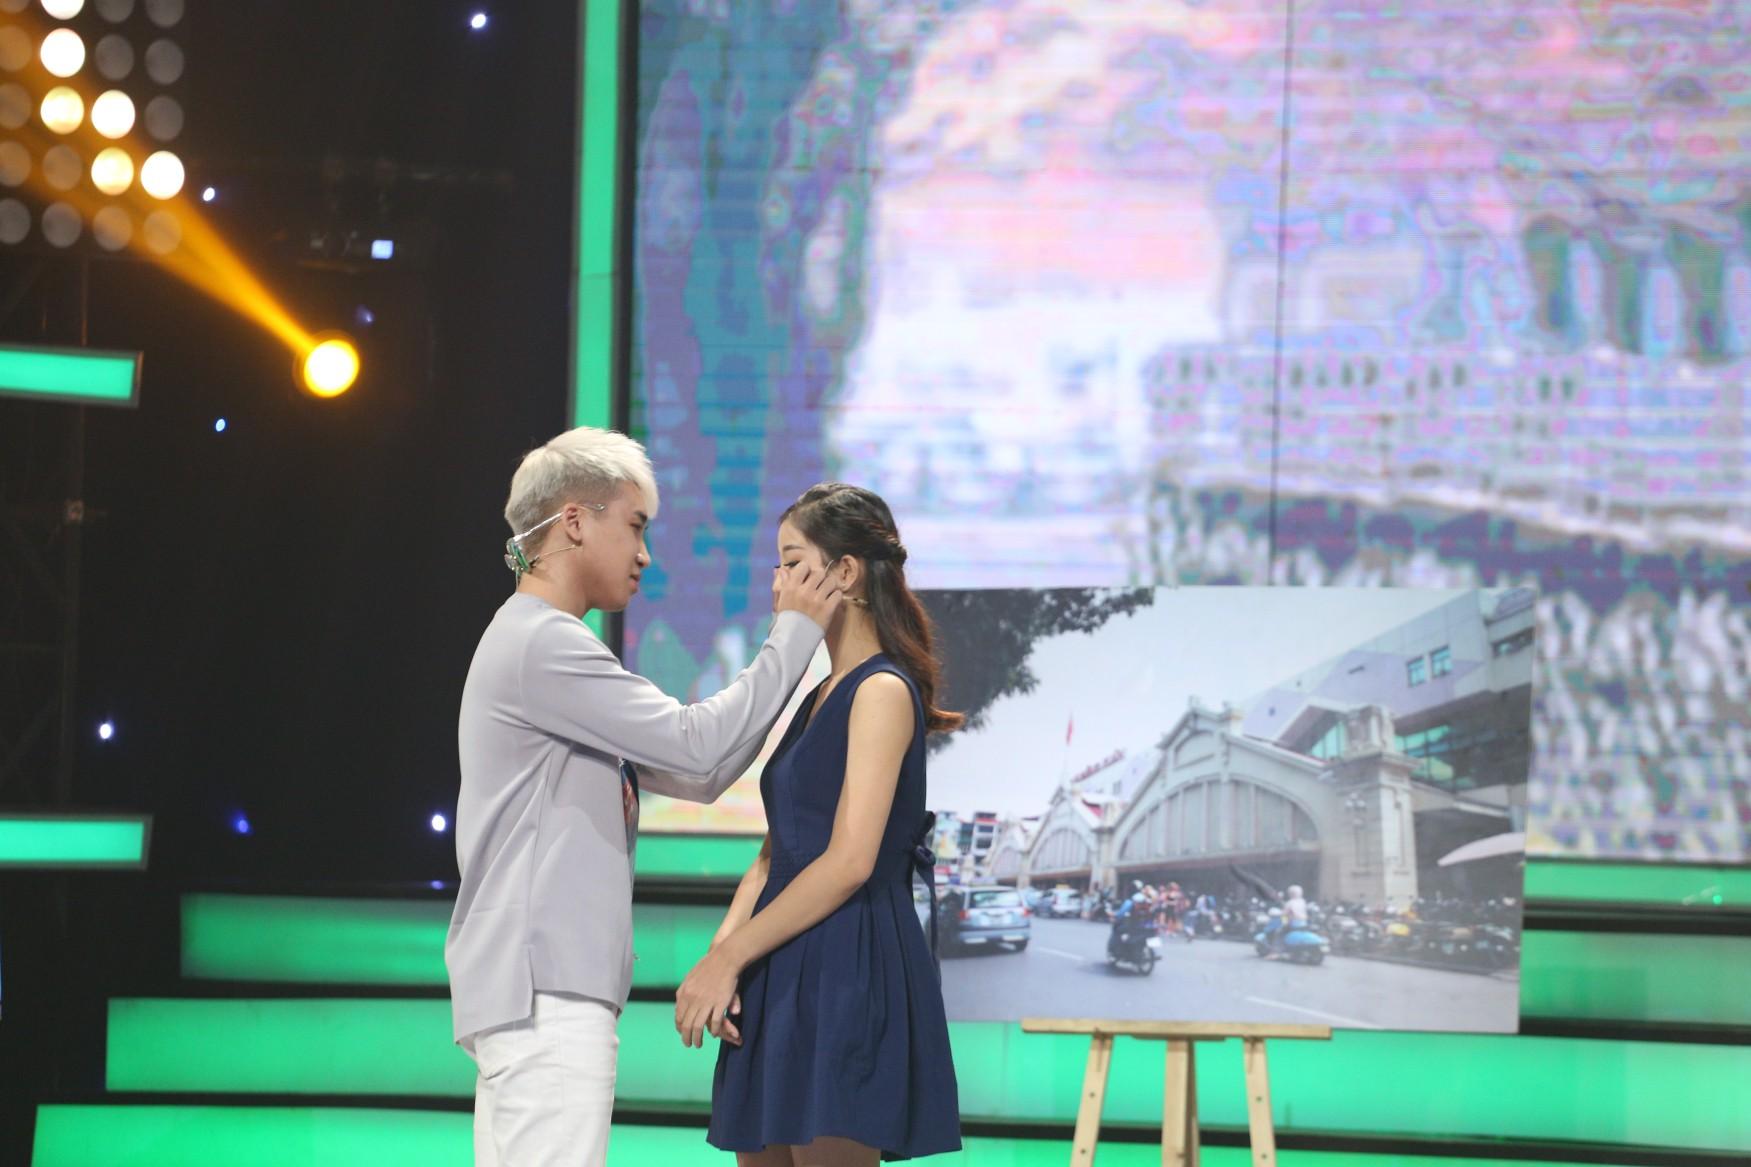 Vì yêu mà đến: Huy Cung khiến cô gái đẹp như Chi Pu rơi nước mắt - Ảnh 6.